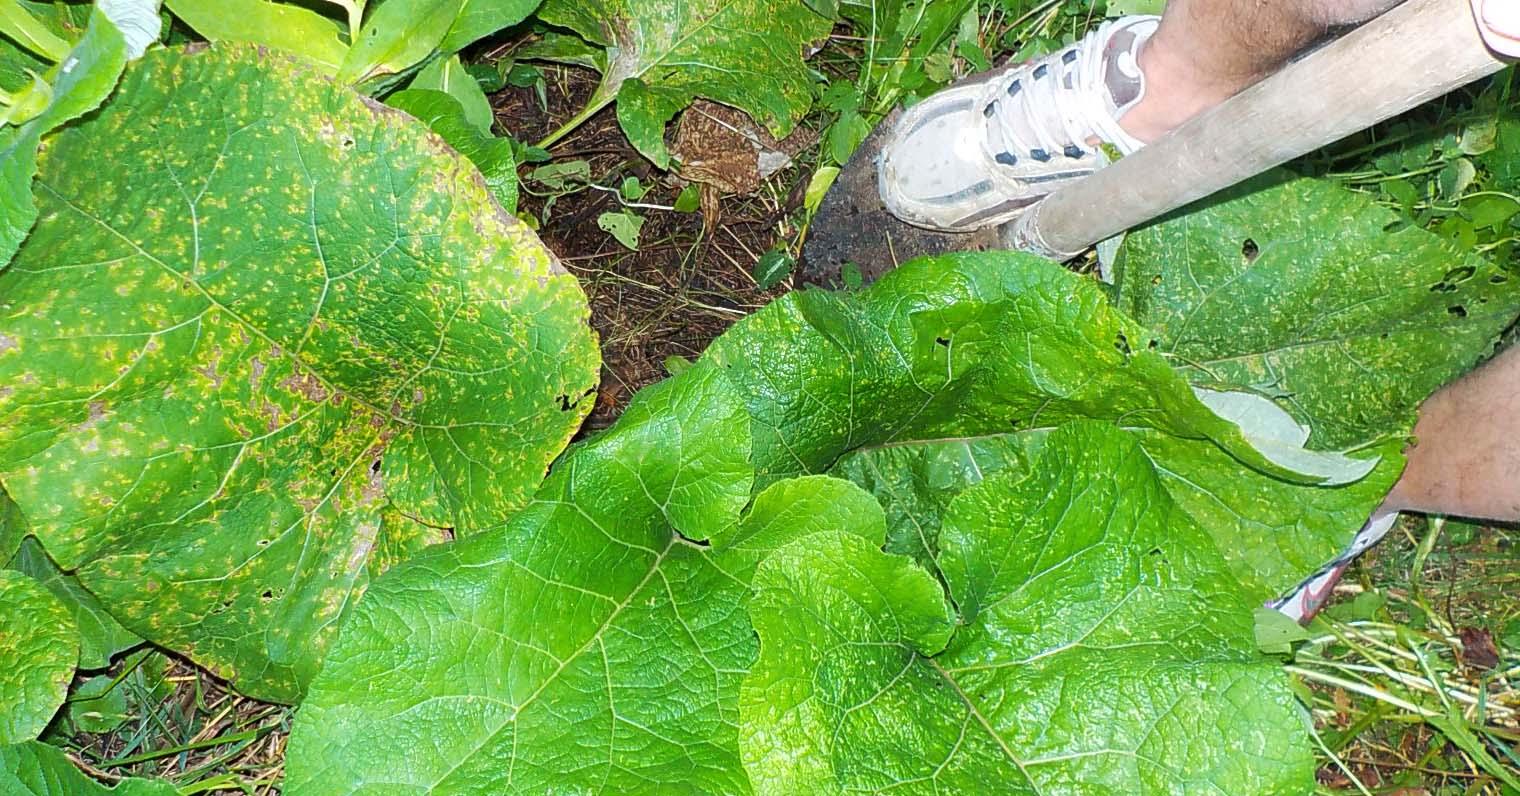 Zdravilna rastlina repinec